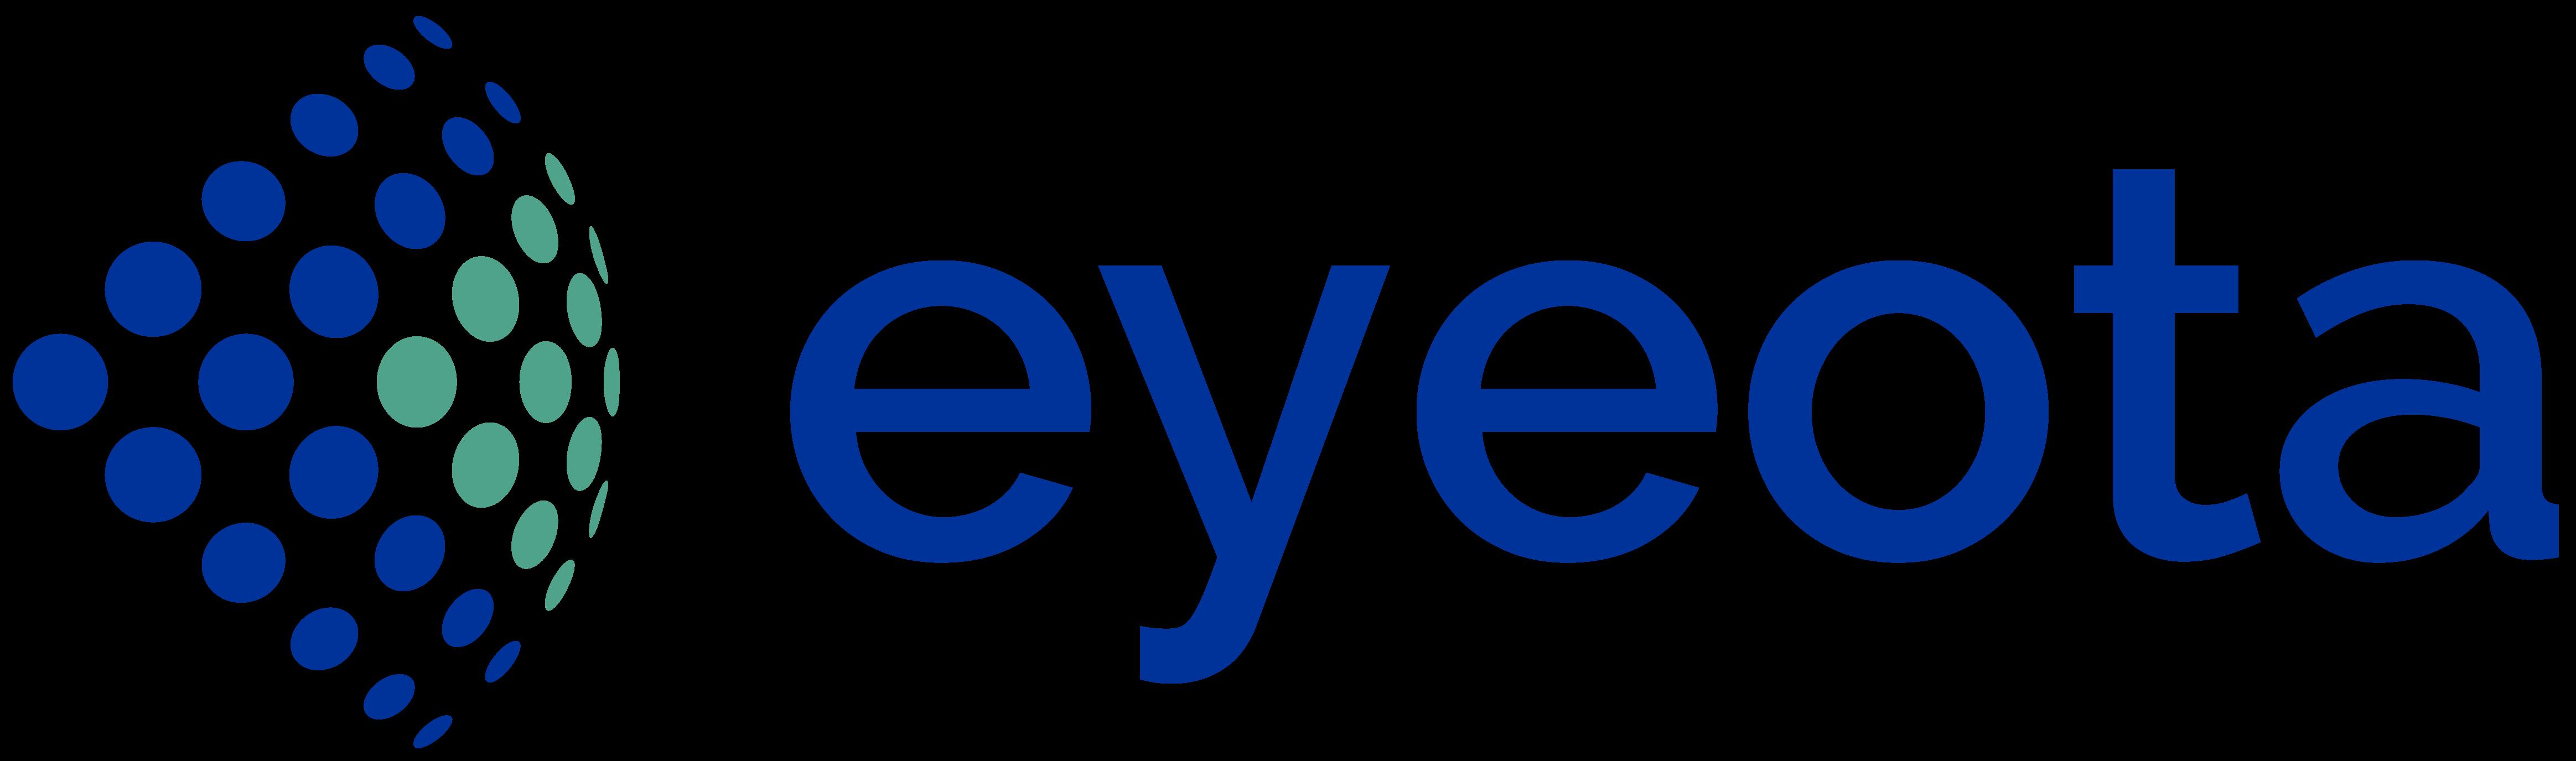 Eyeota